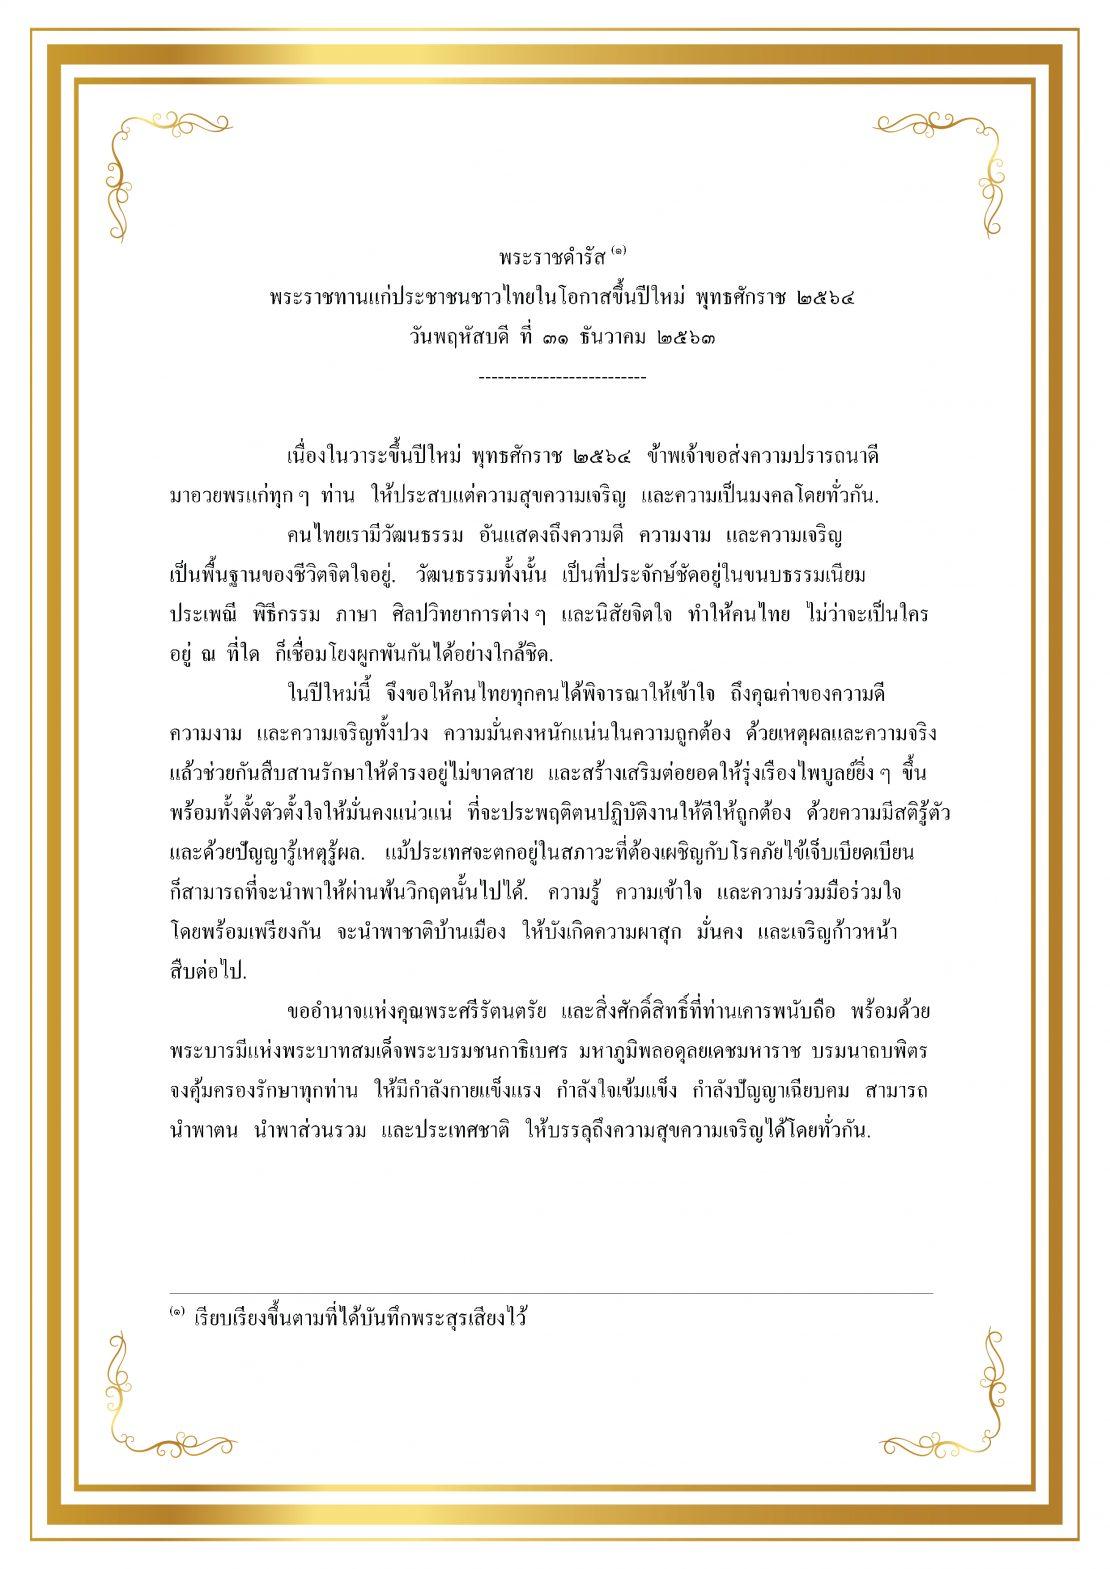 พระบาทสมเด็จพระเจ้าอยู่หัว พระราชทานพระราชดำรัสแก่ประชาชนคนไทยในโอกาสวันขึ้นปีใหม่ พุทธศักราช ๒๕๖๔ ในวันพฤหัสบดี ที่ ๓๑ ธันวาคม ๒๕๖๓